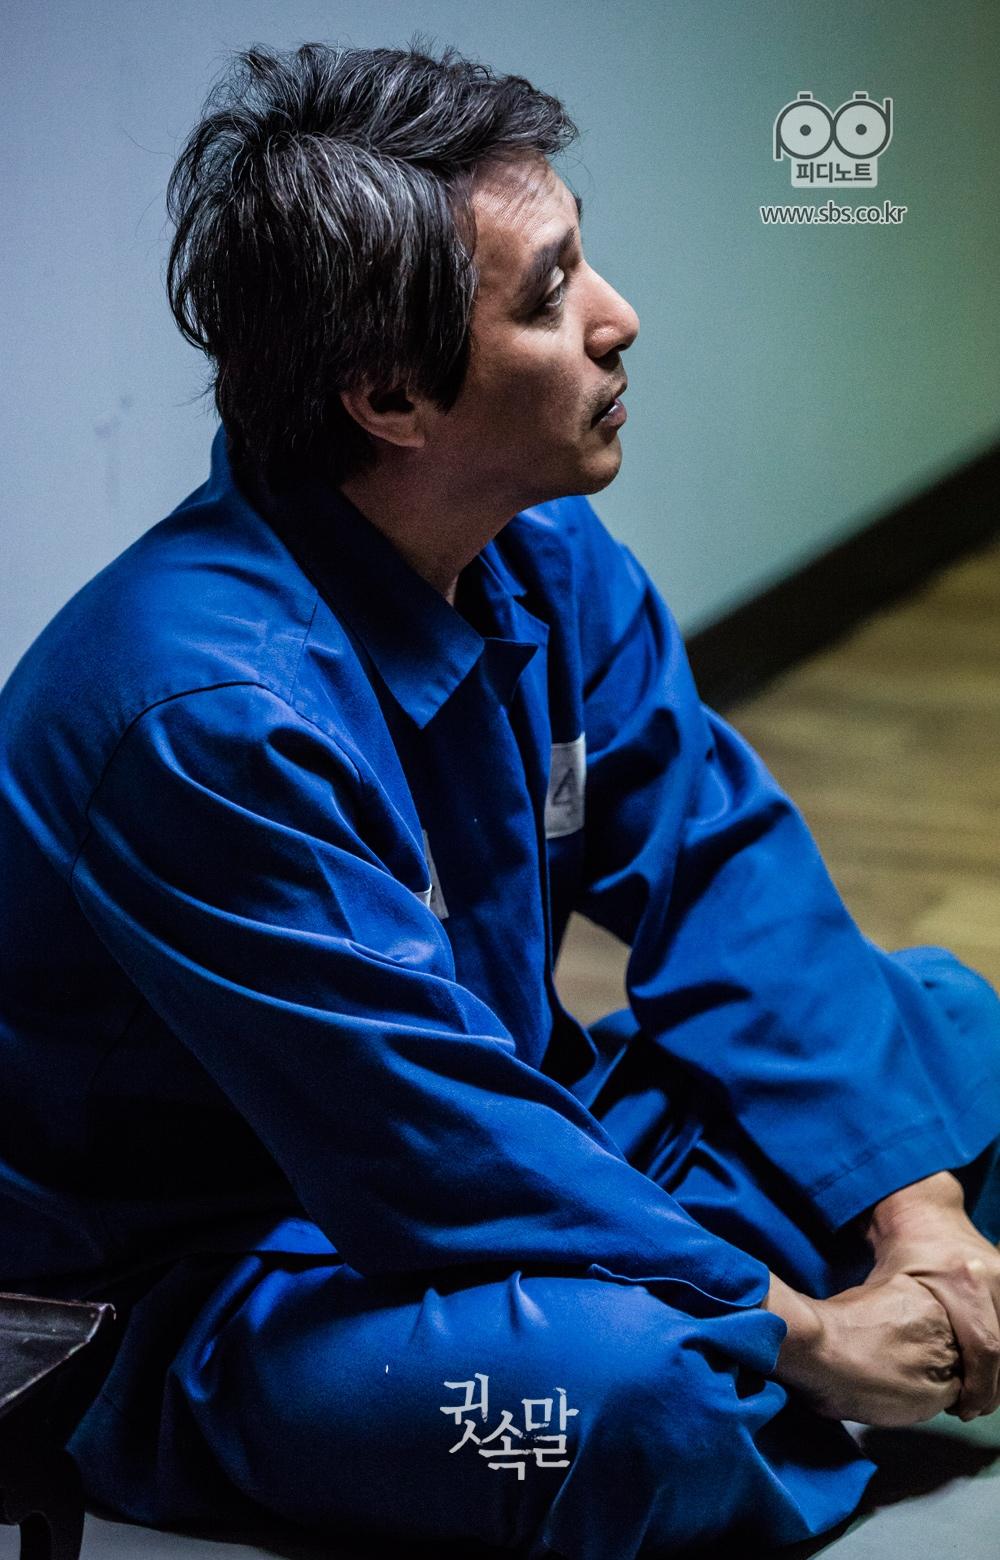 파란색 기결수복을 입고 무표정으로 앉아 있는 조재현